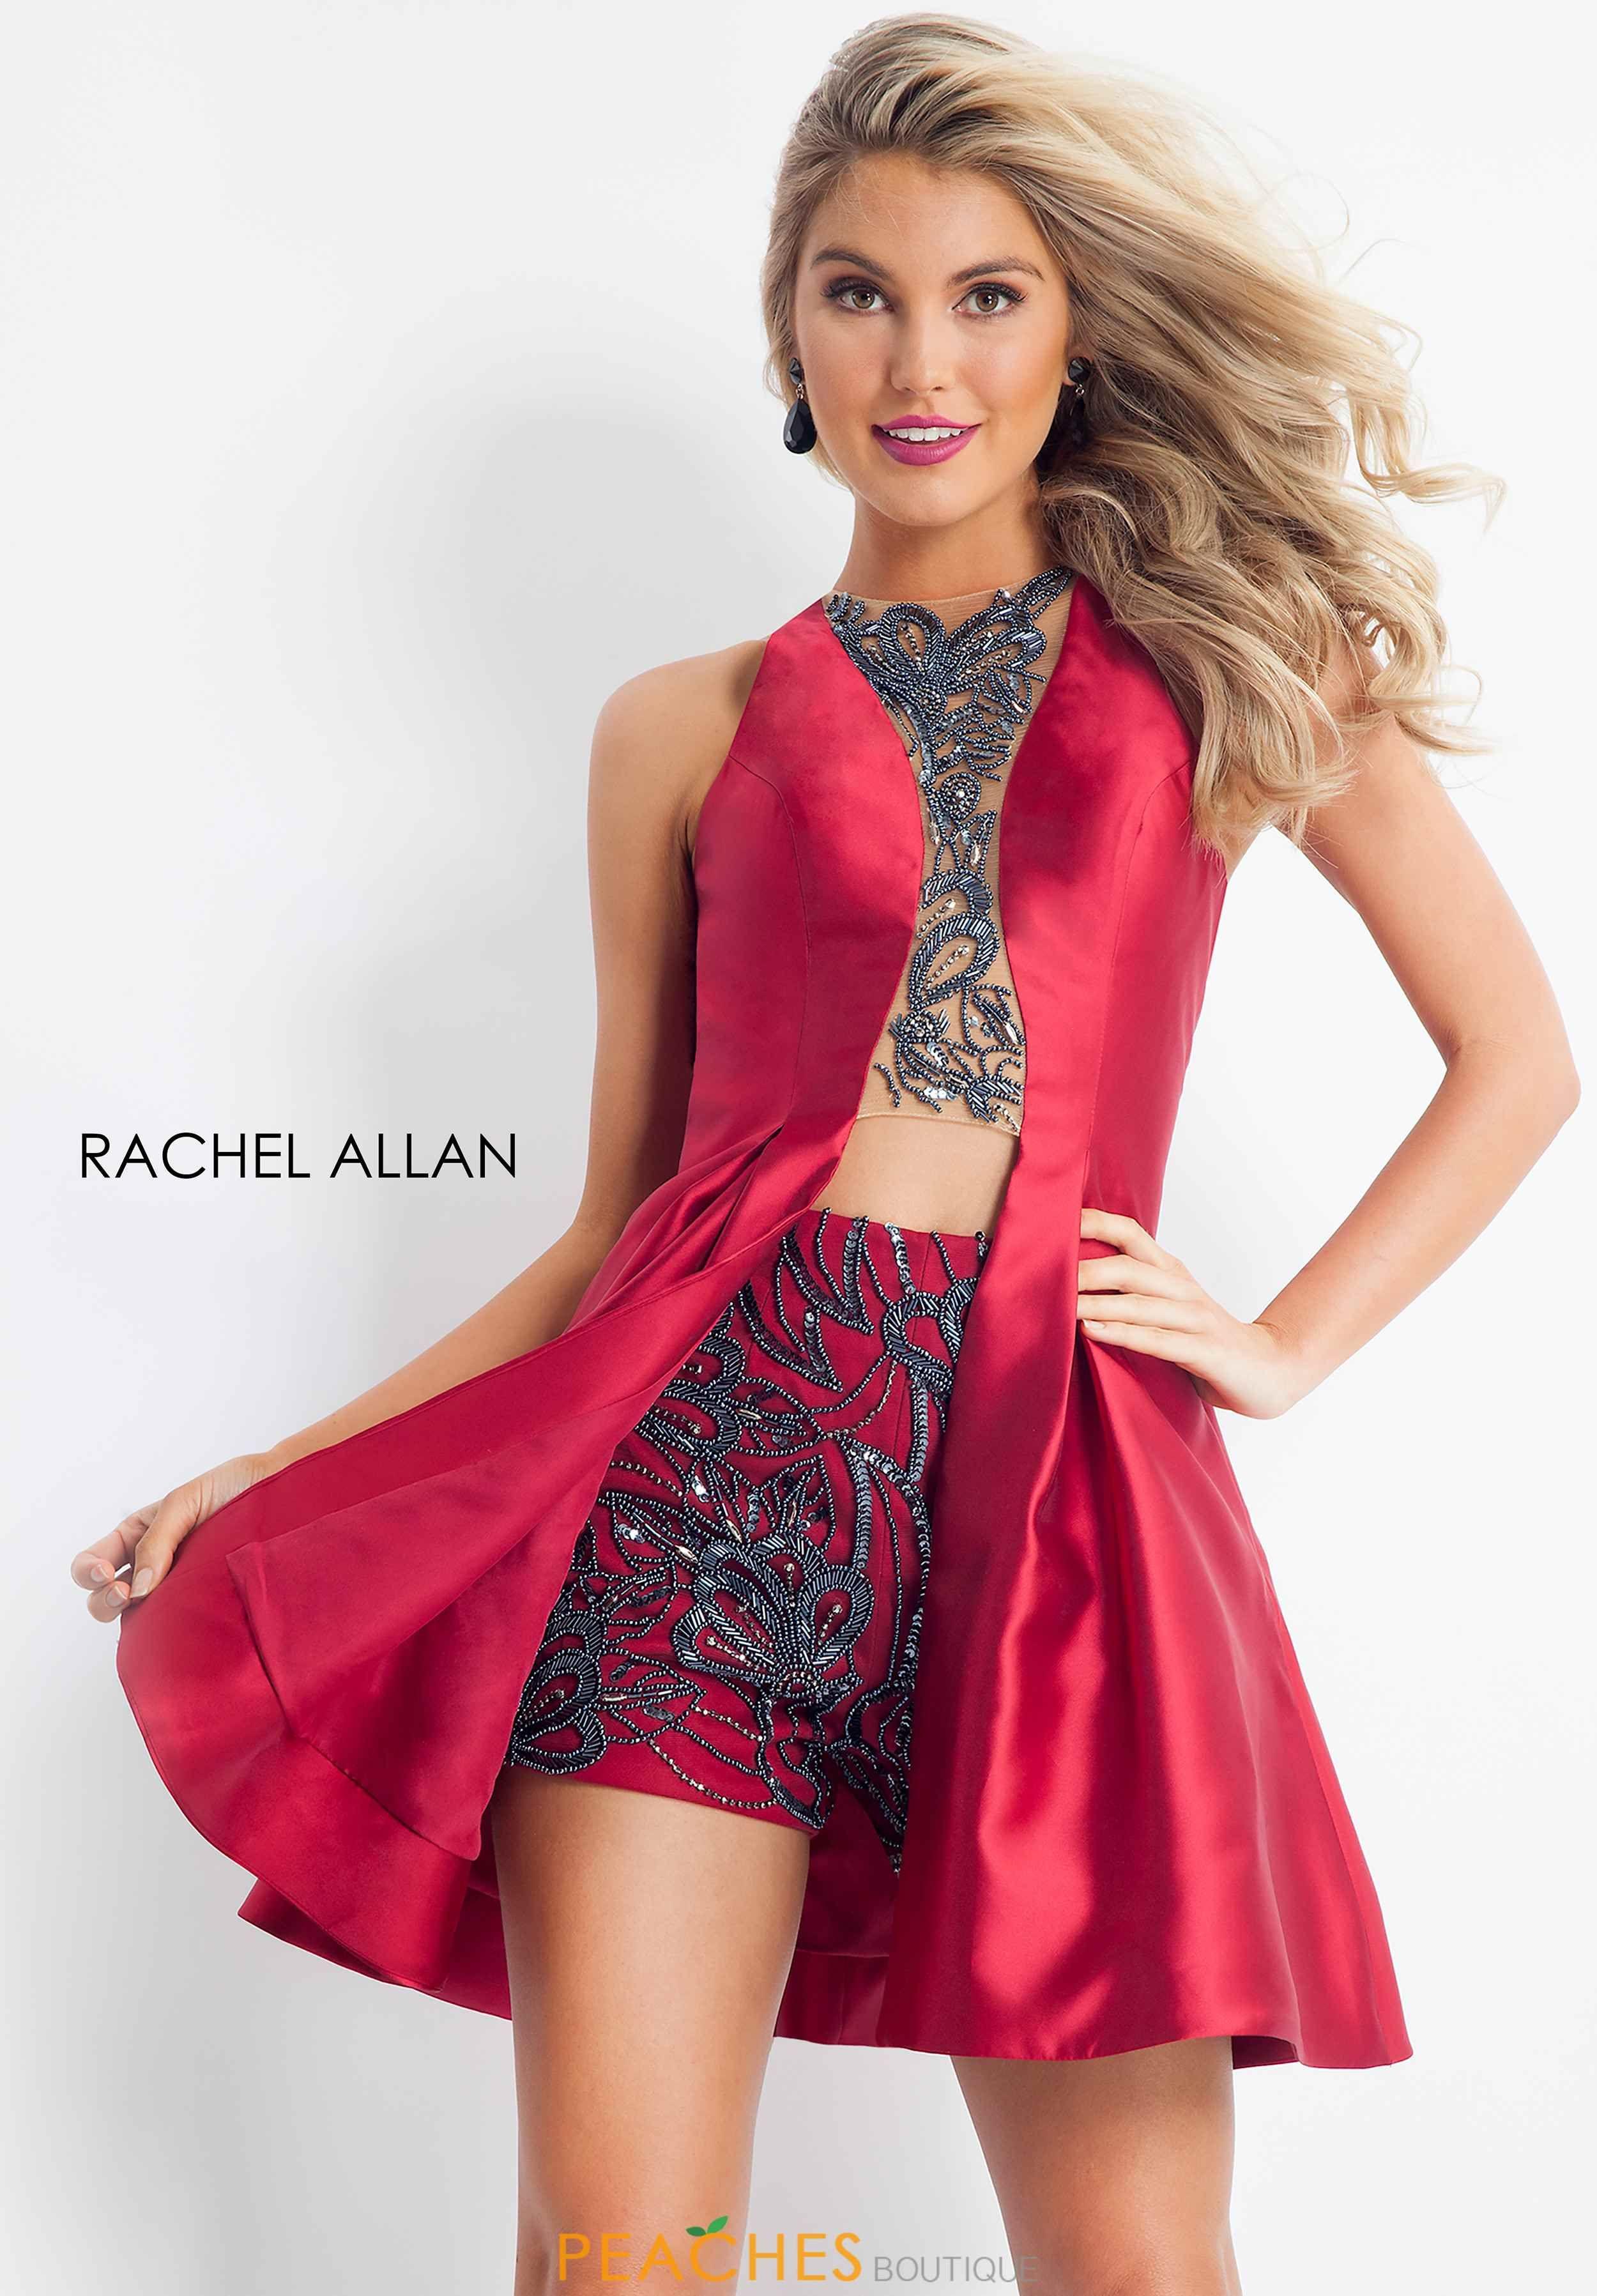 Rachel Allan Prom Dresses Peaches Boutique Short Dresses Dresses Rachel Allan Prom Dresses [ 3594 x 2500 Pixel ]